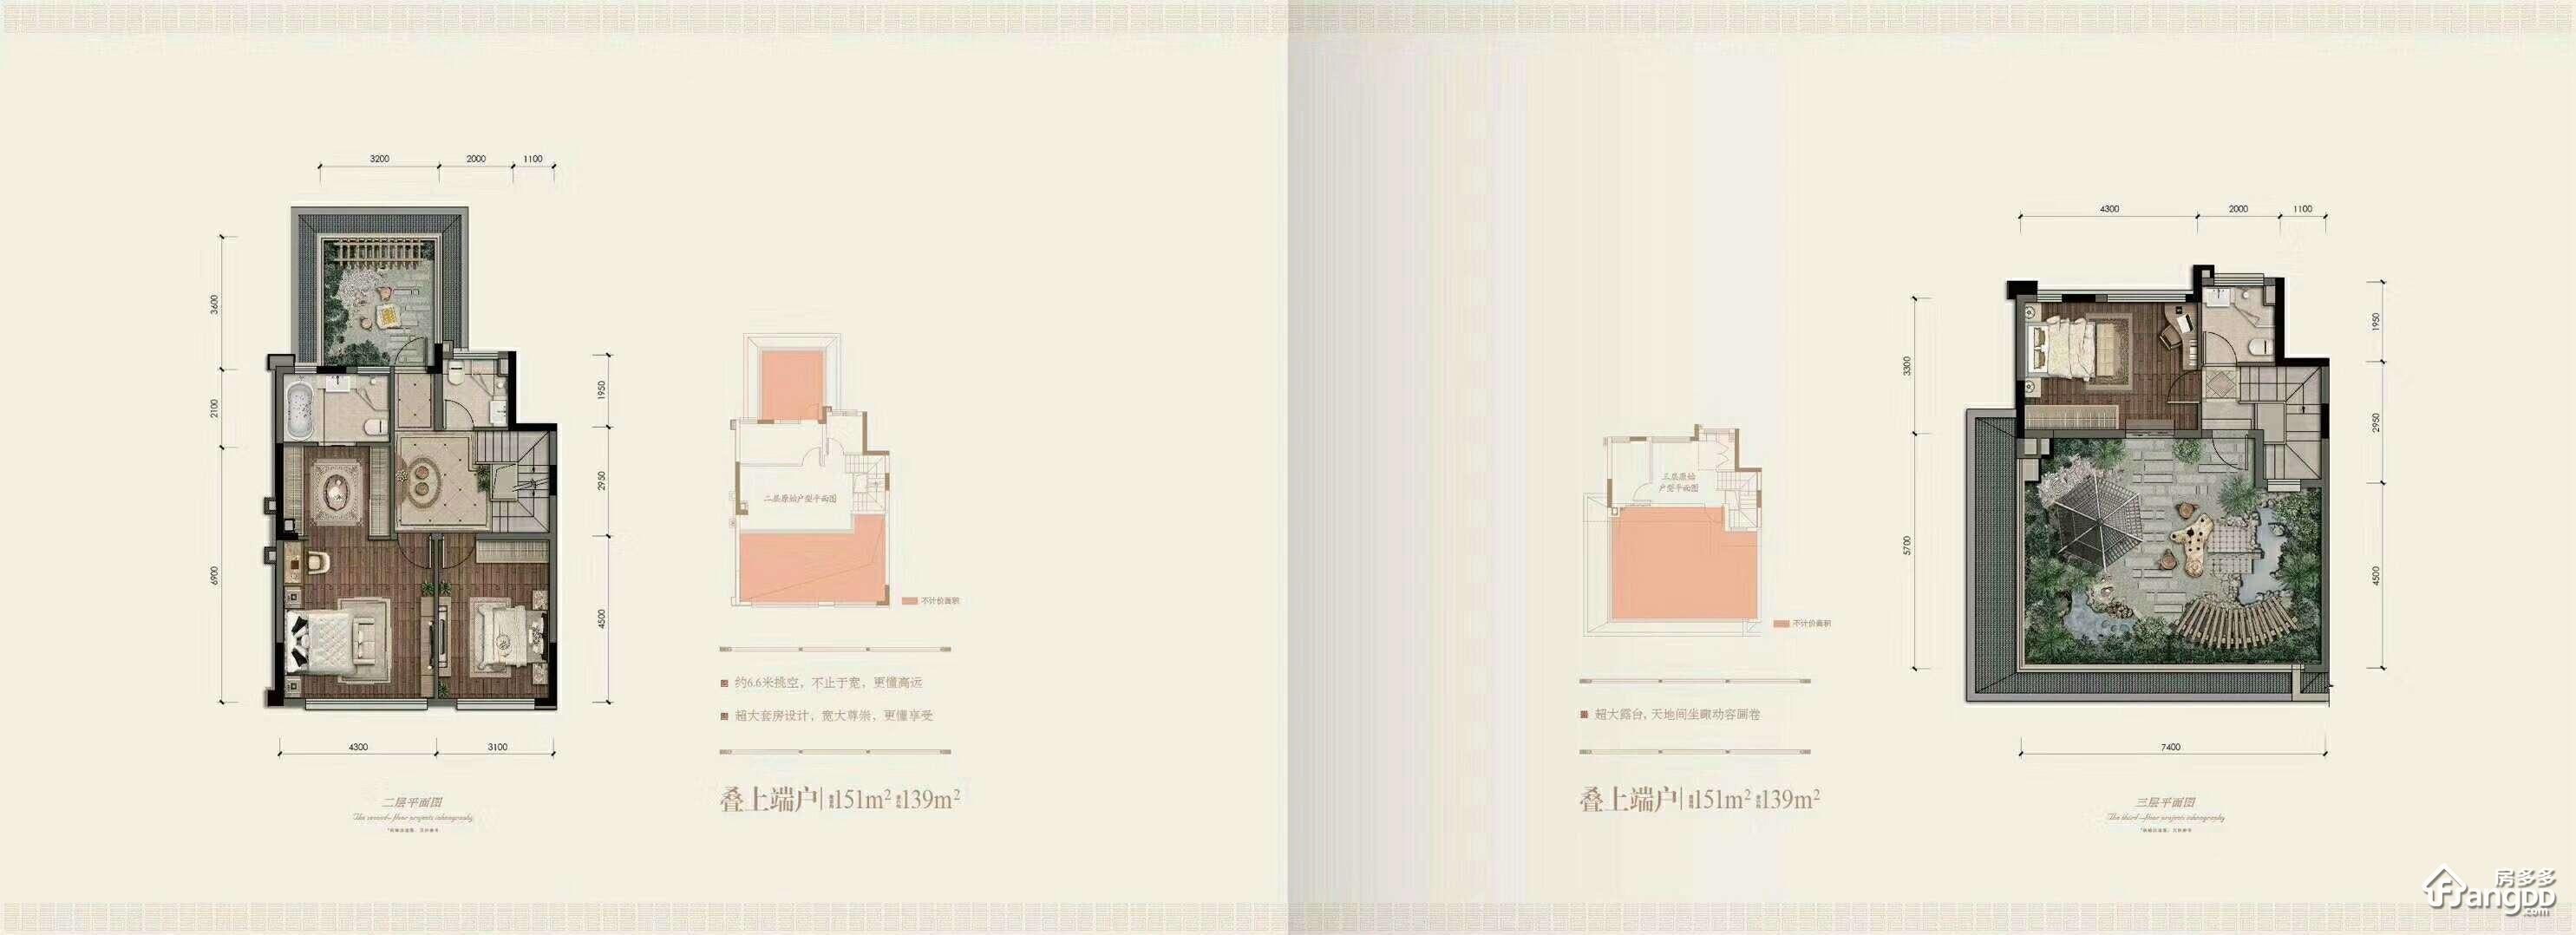 北京城建龙樾生态城1室1厅1卫户型图